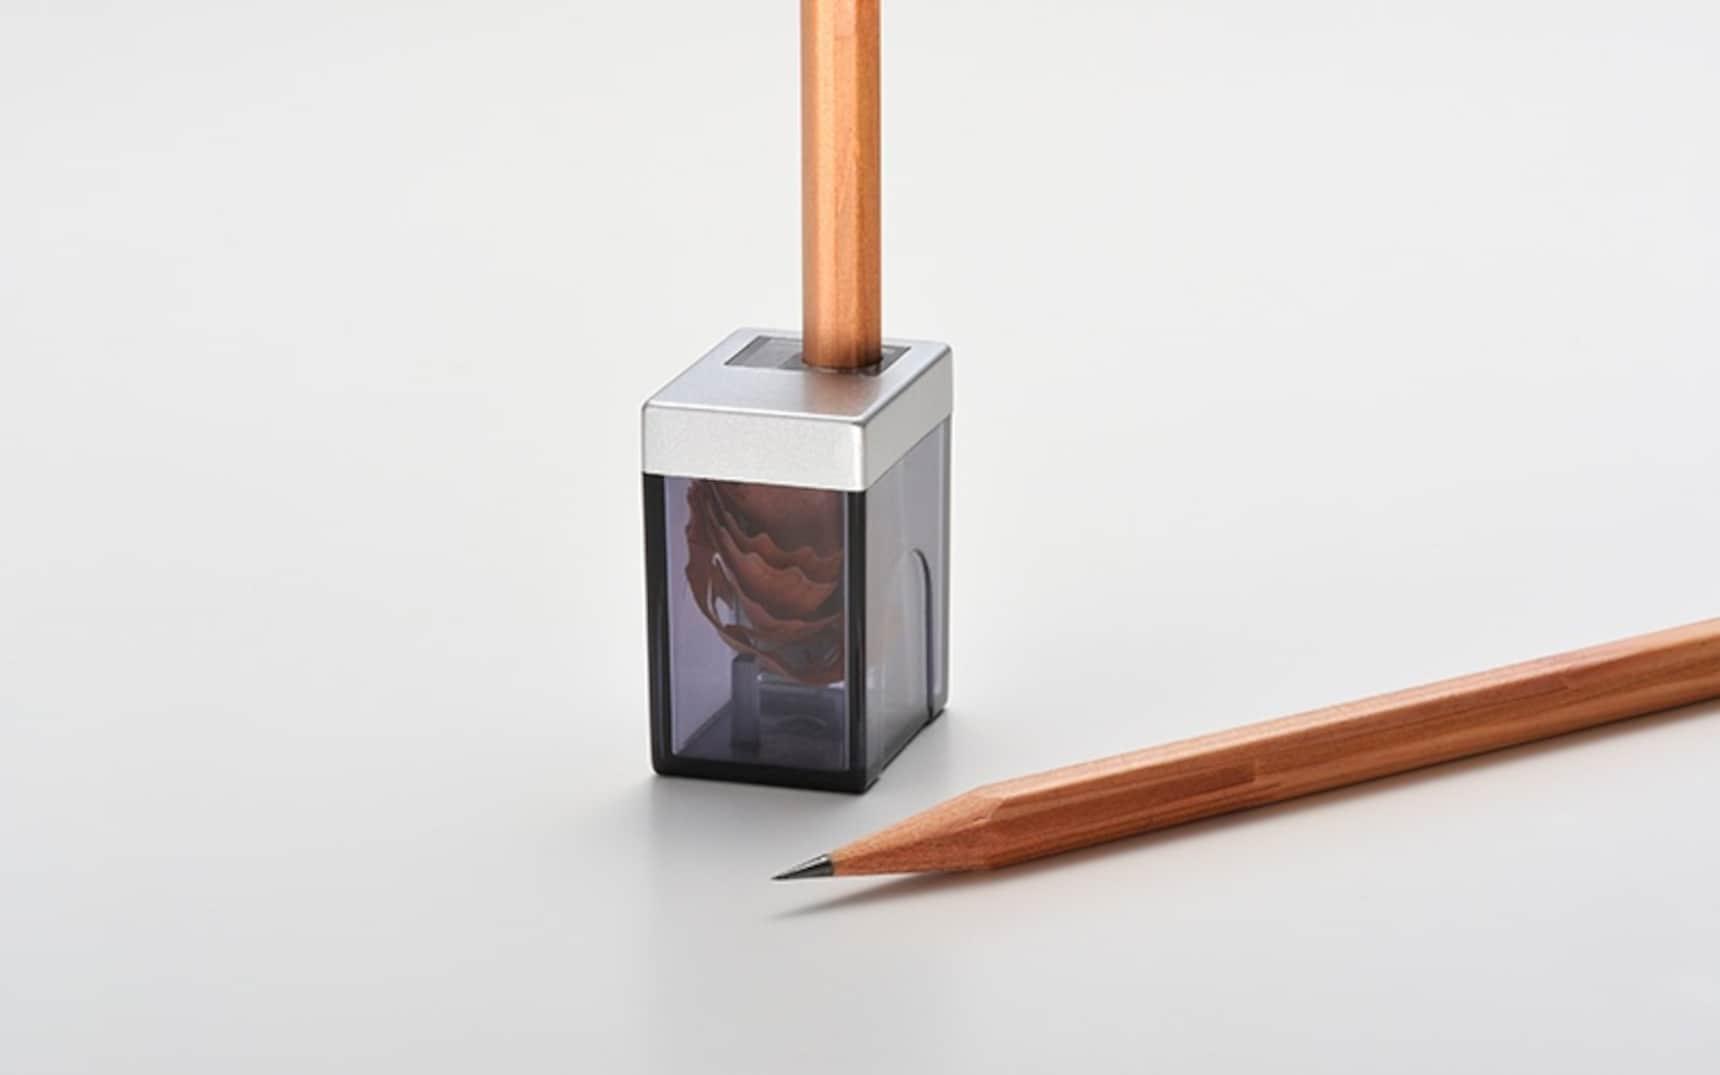 在尋找新世代的削筆刀嗎?